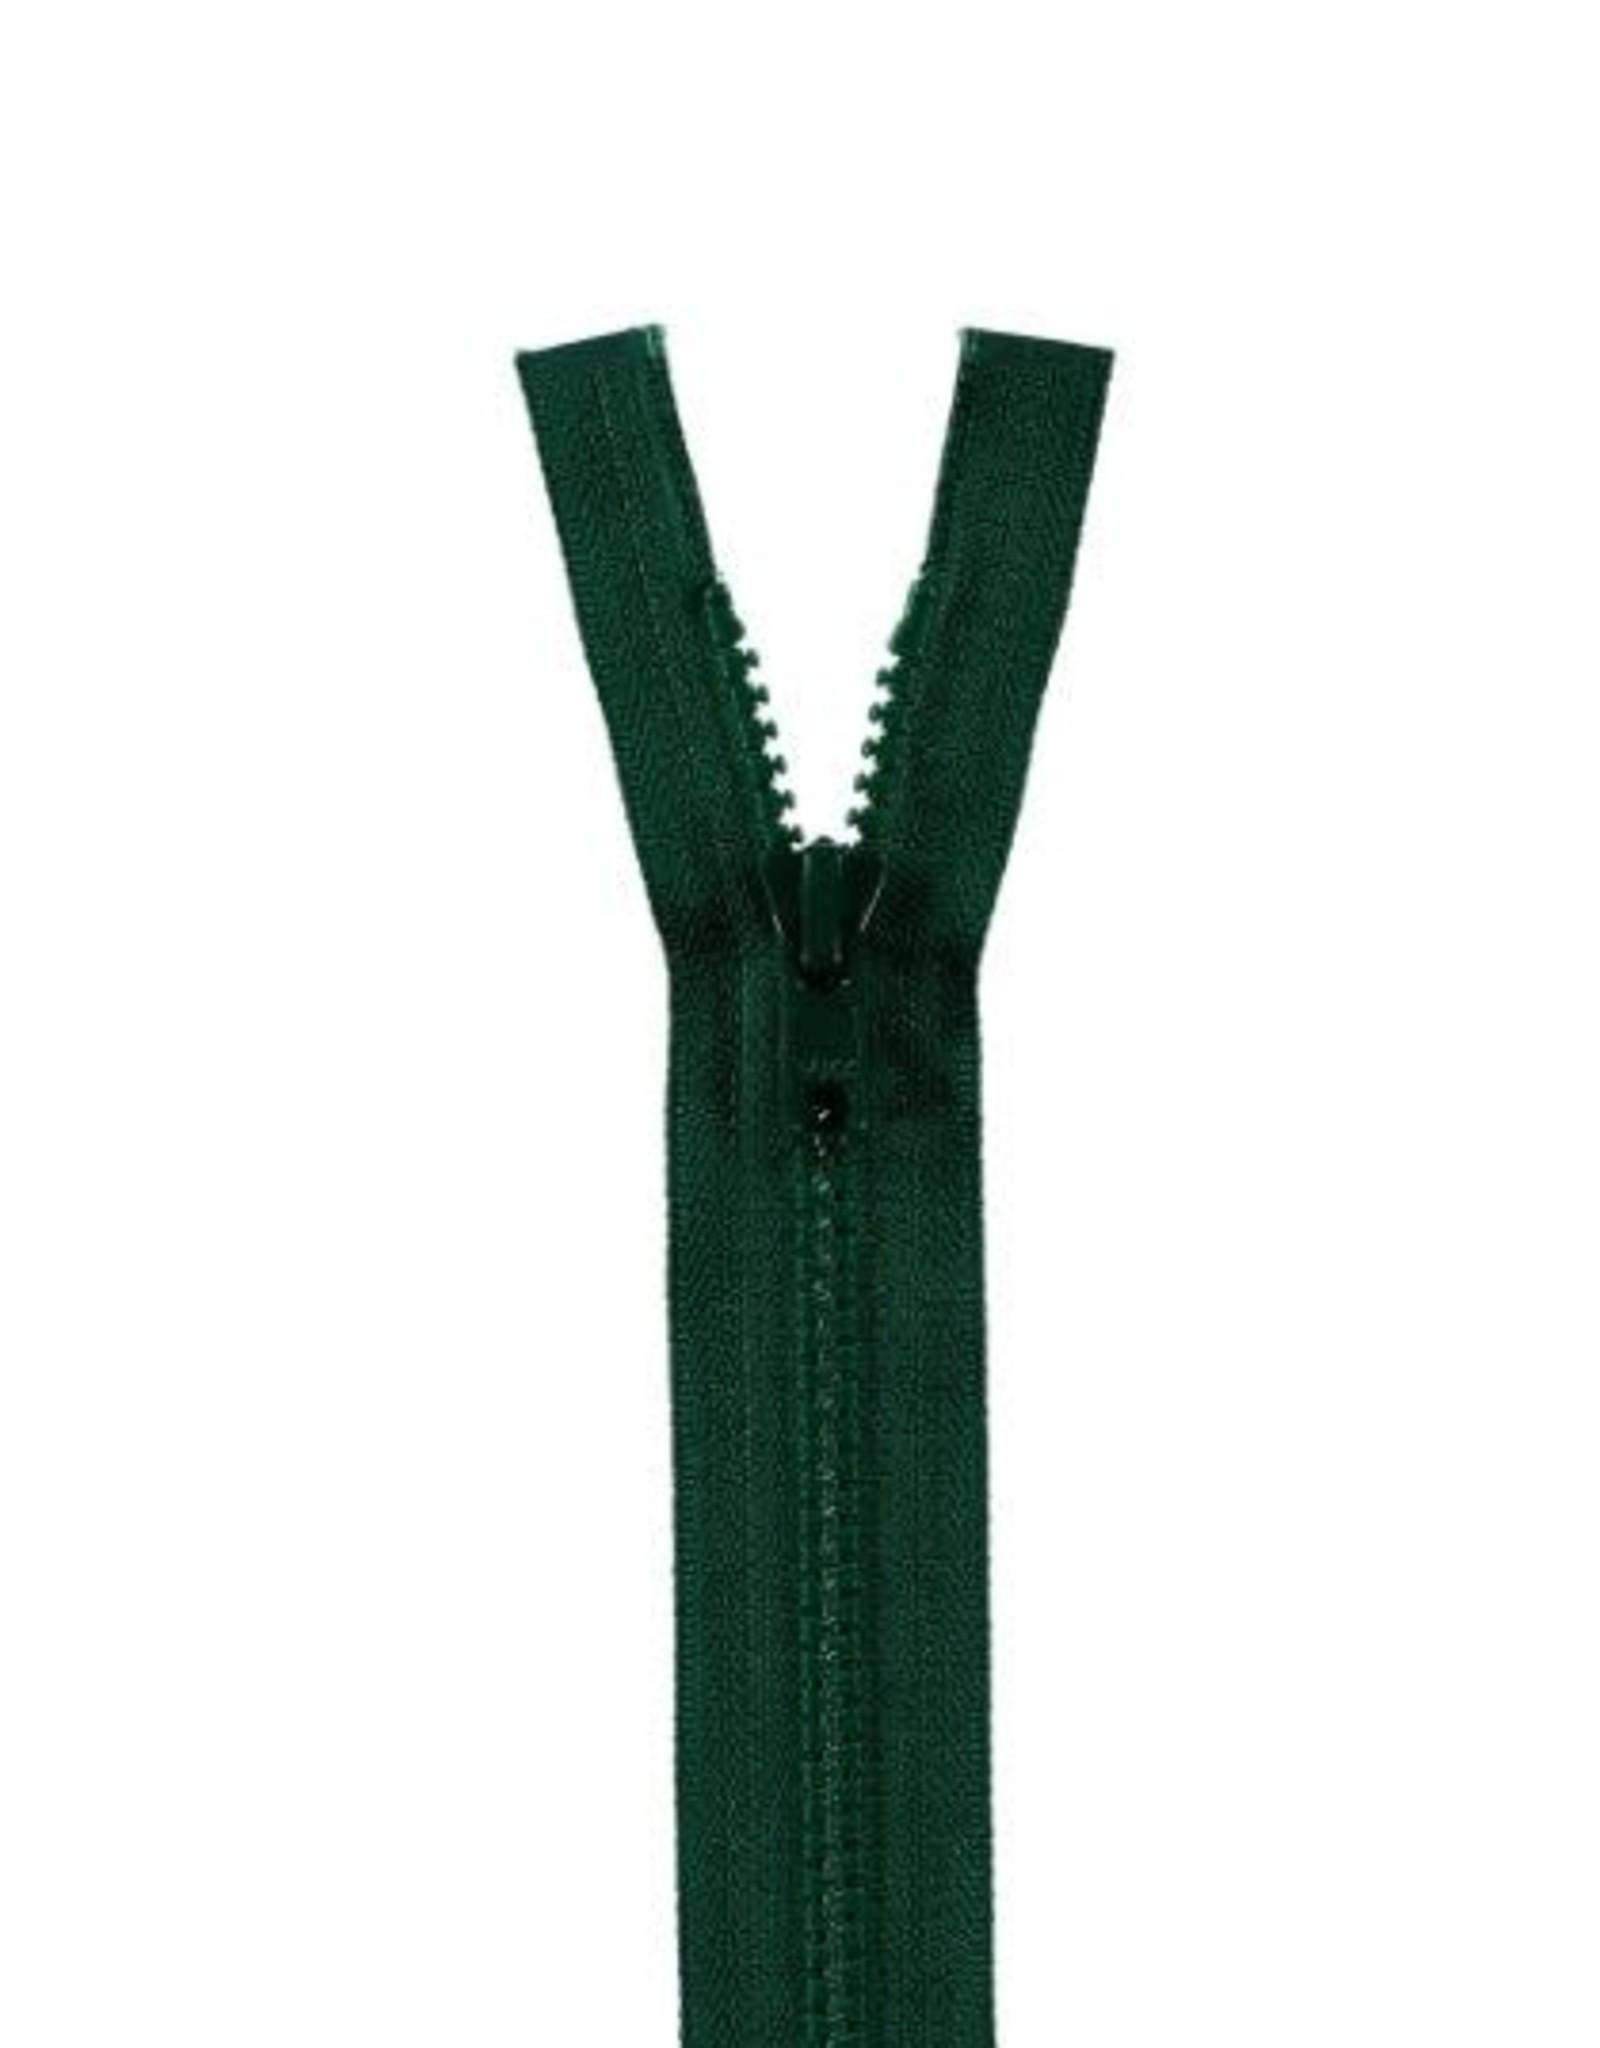 YKK BLOKRITS 5 DEELBAAR d. groen 890-80cm